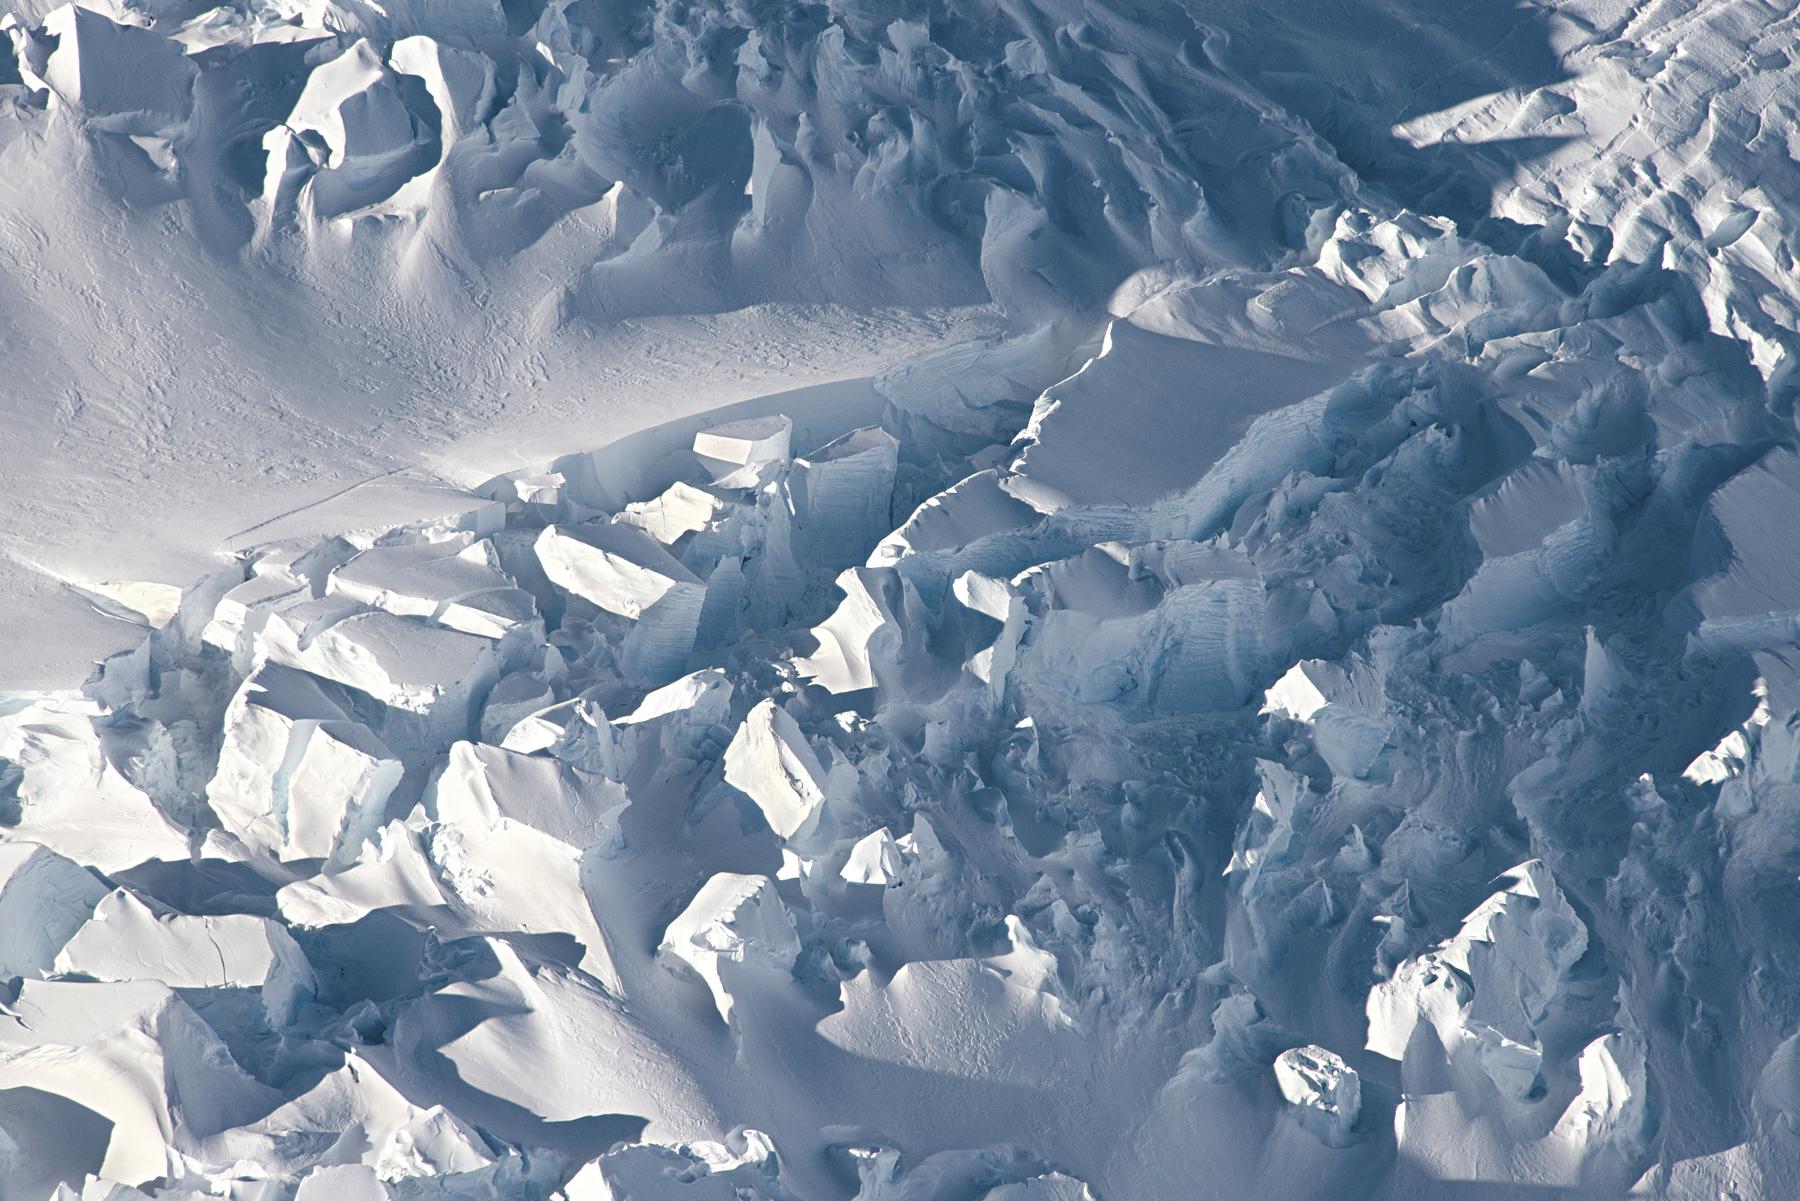 Barnes Glacier 10:00AM